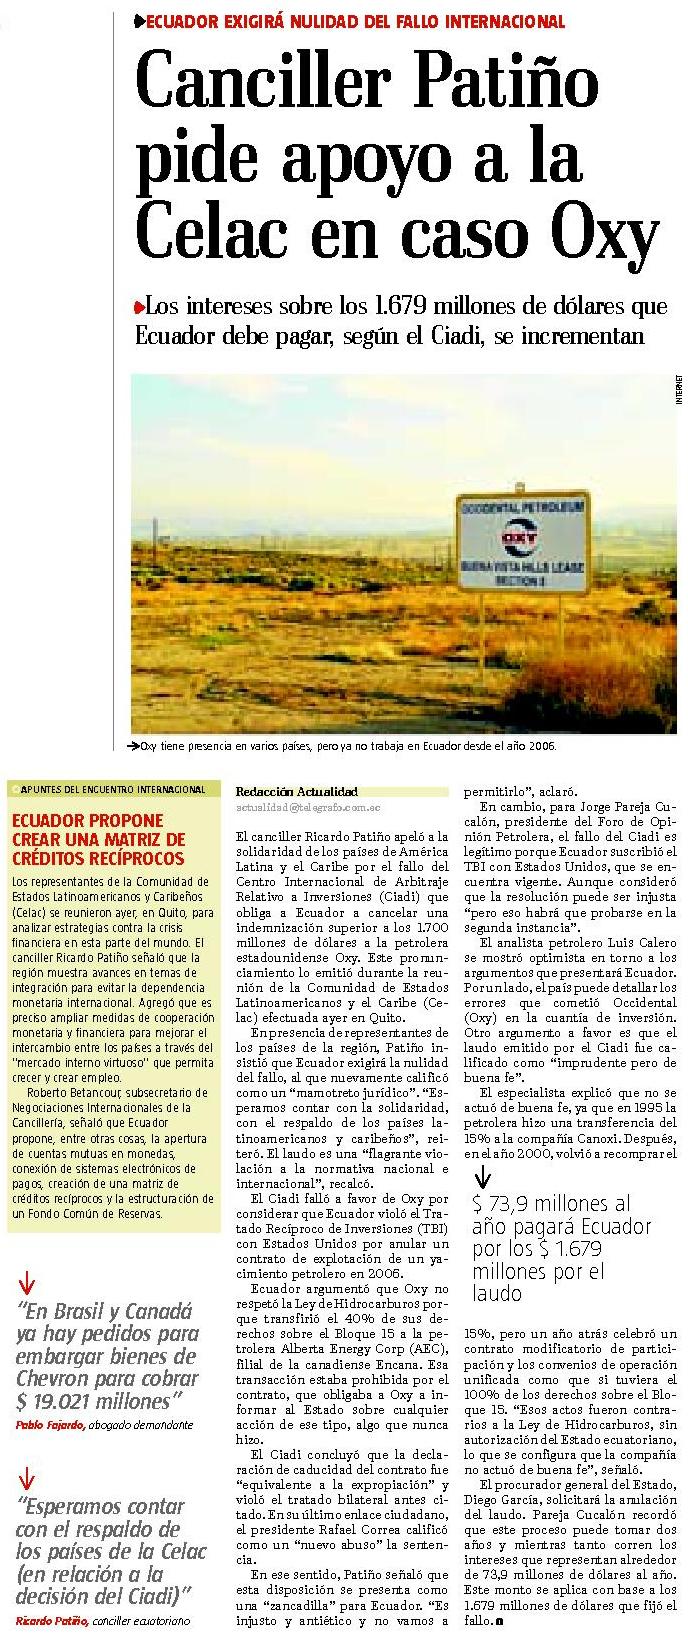 31-2012-10-11_El_Telegrafo_Oxy_Patino_pide_apoyo_a_la_Celac